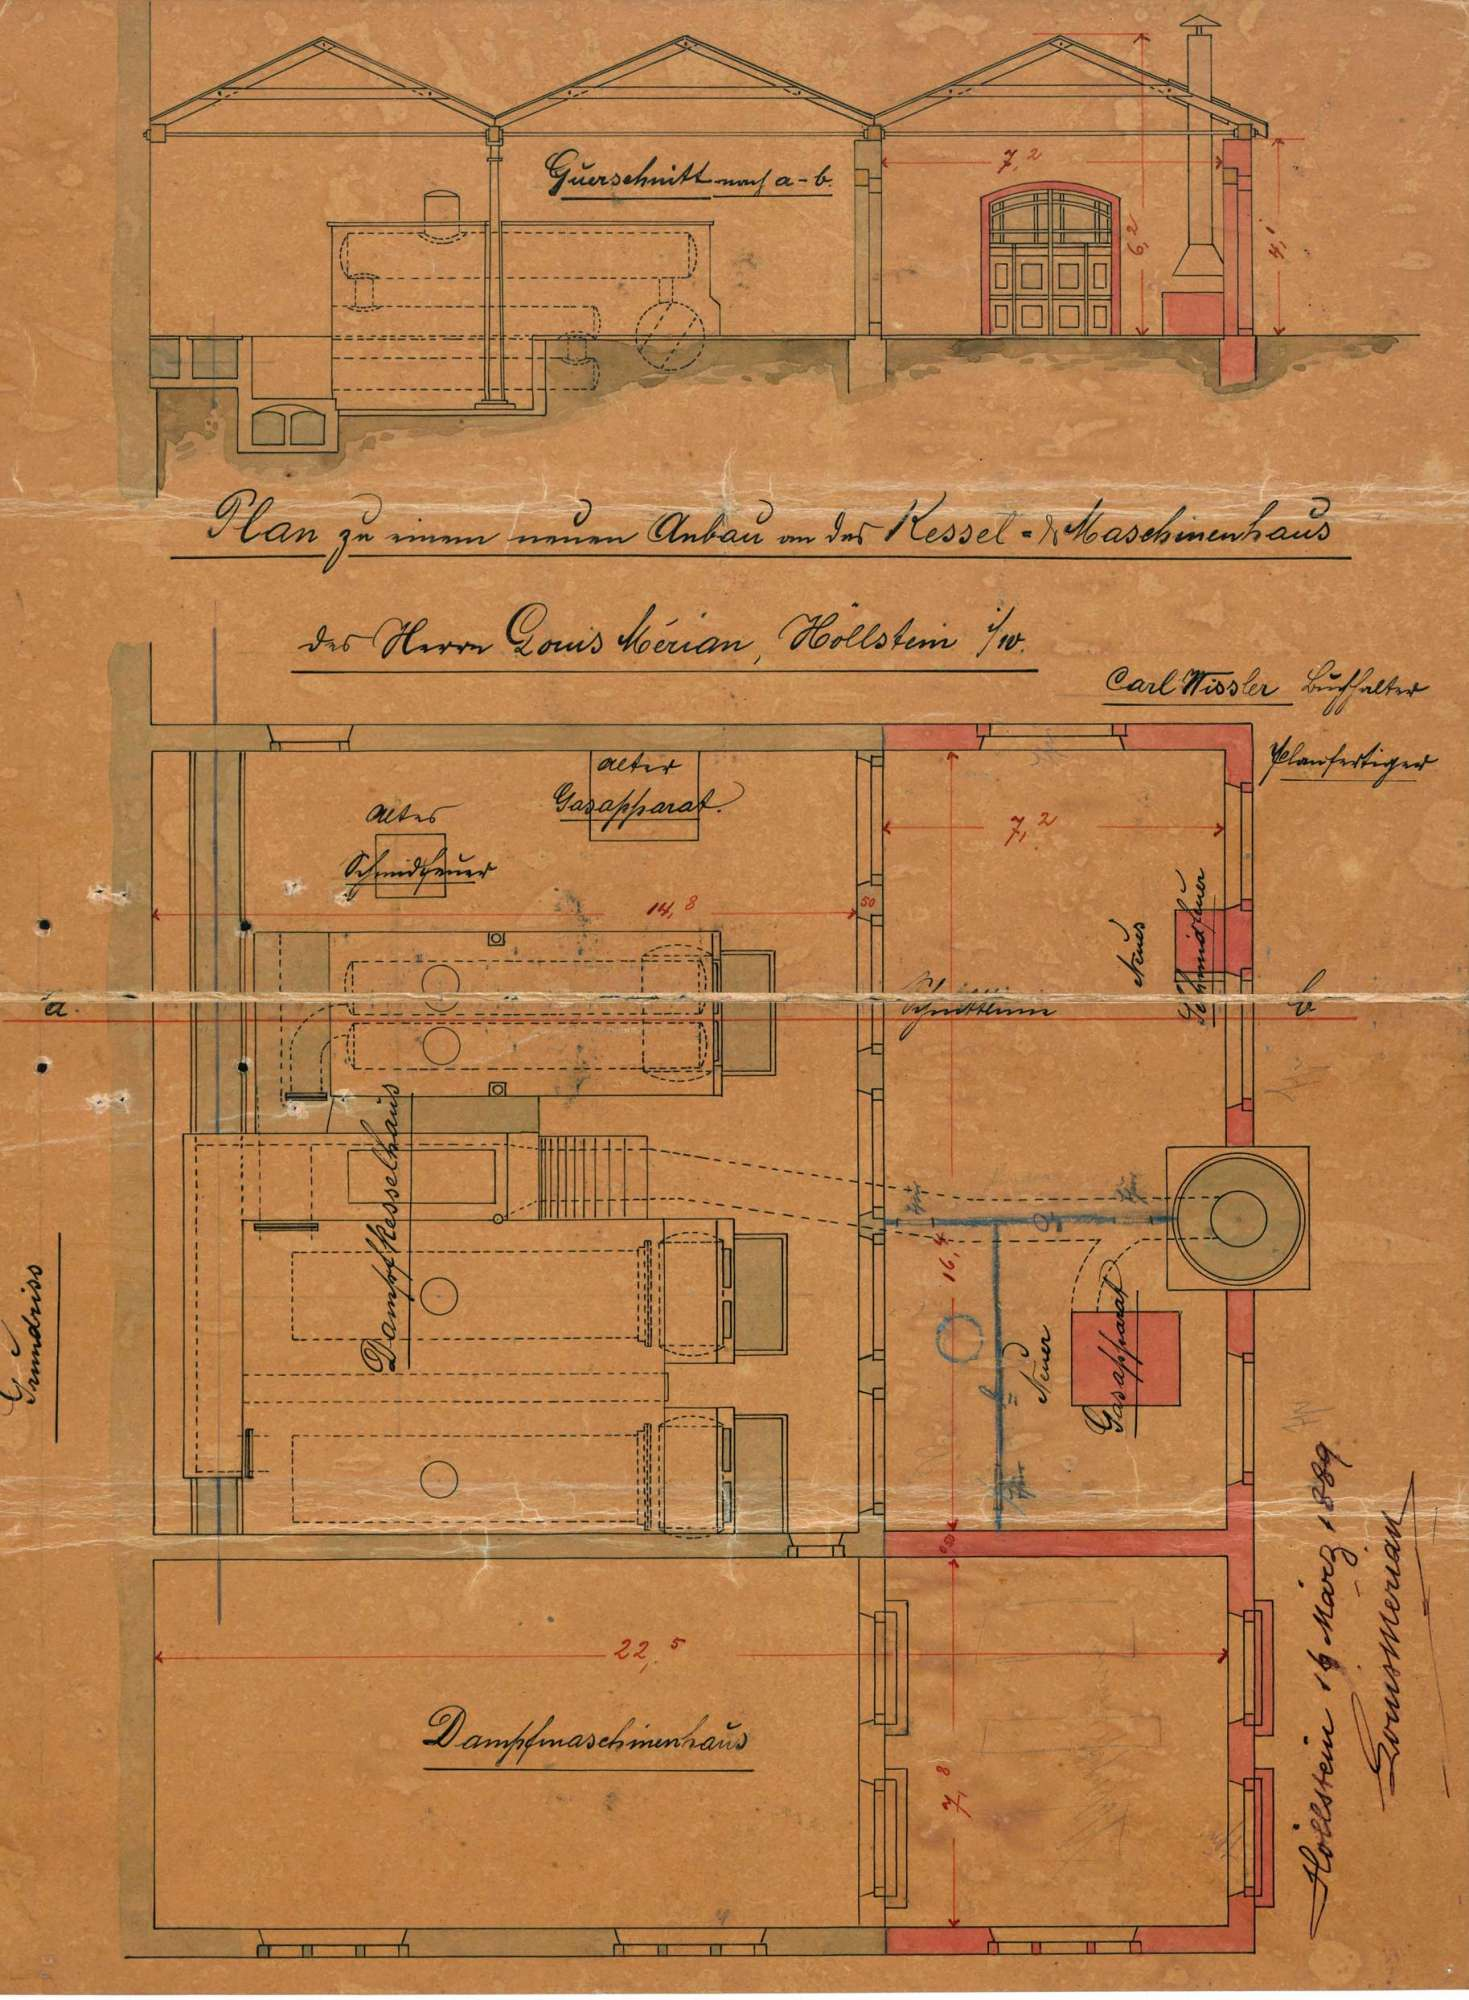 Verlegung der in der Maschinenfabrik des Louis Merian in Höllstein bestehenden Gasfabrik, Bild 1